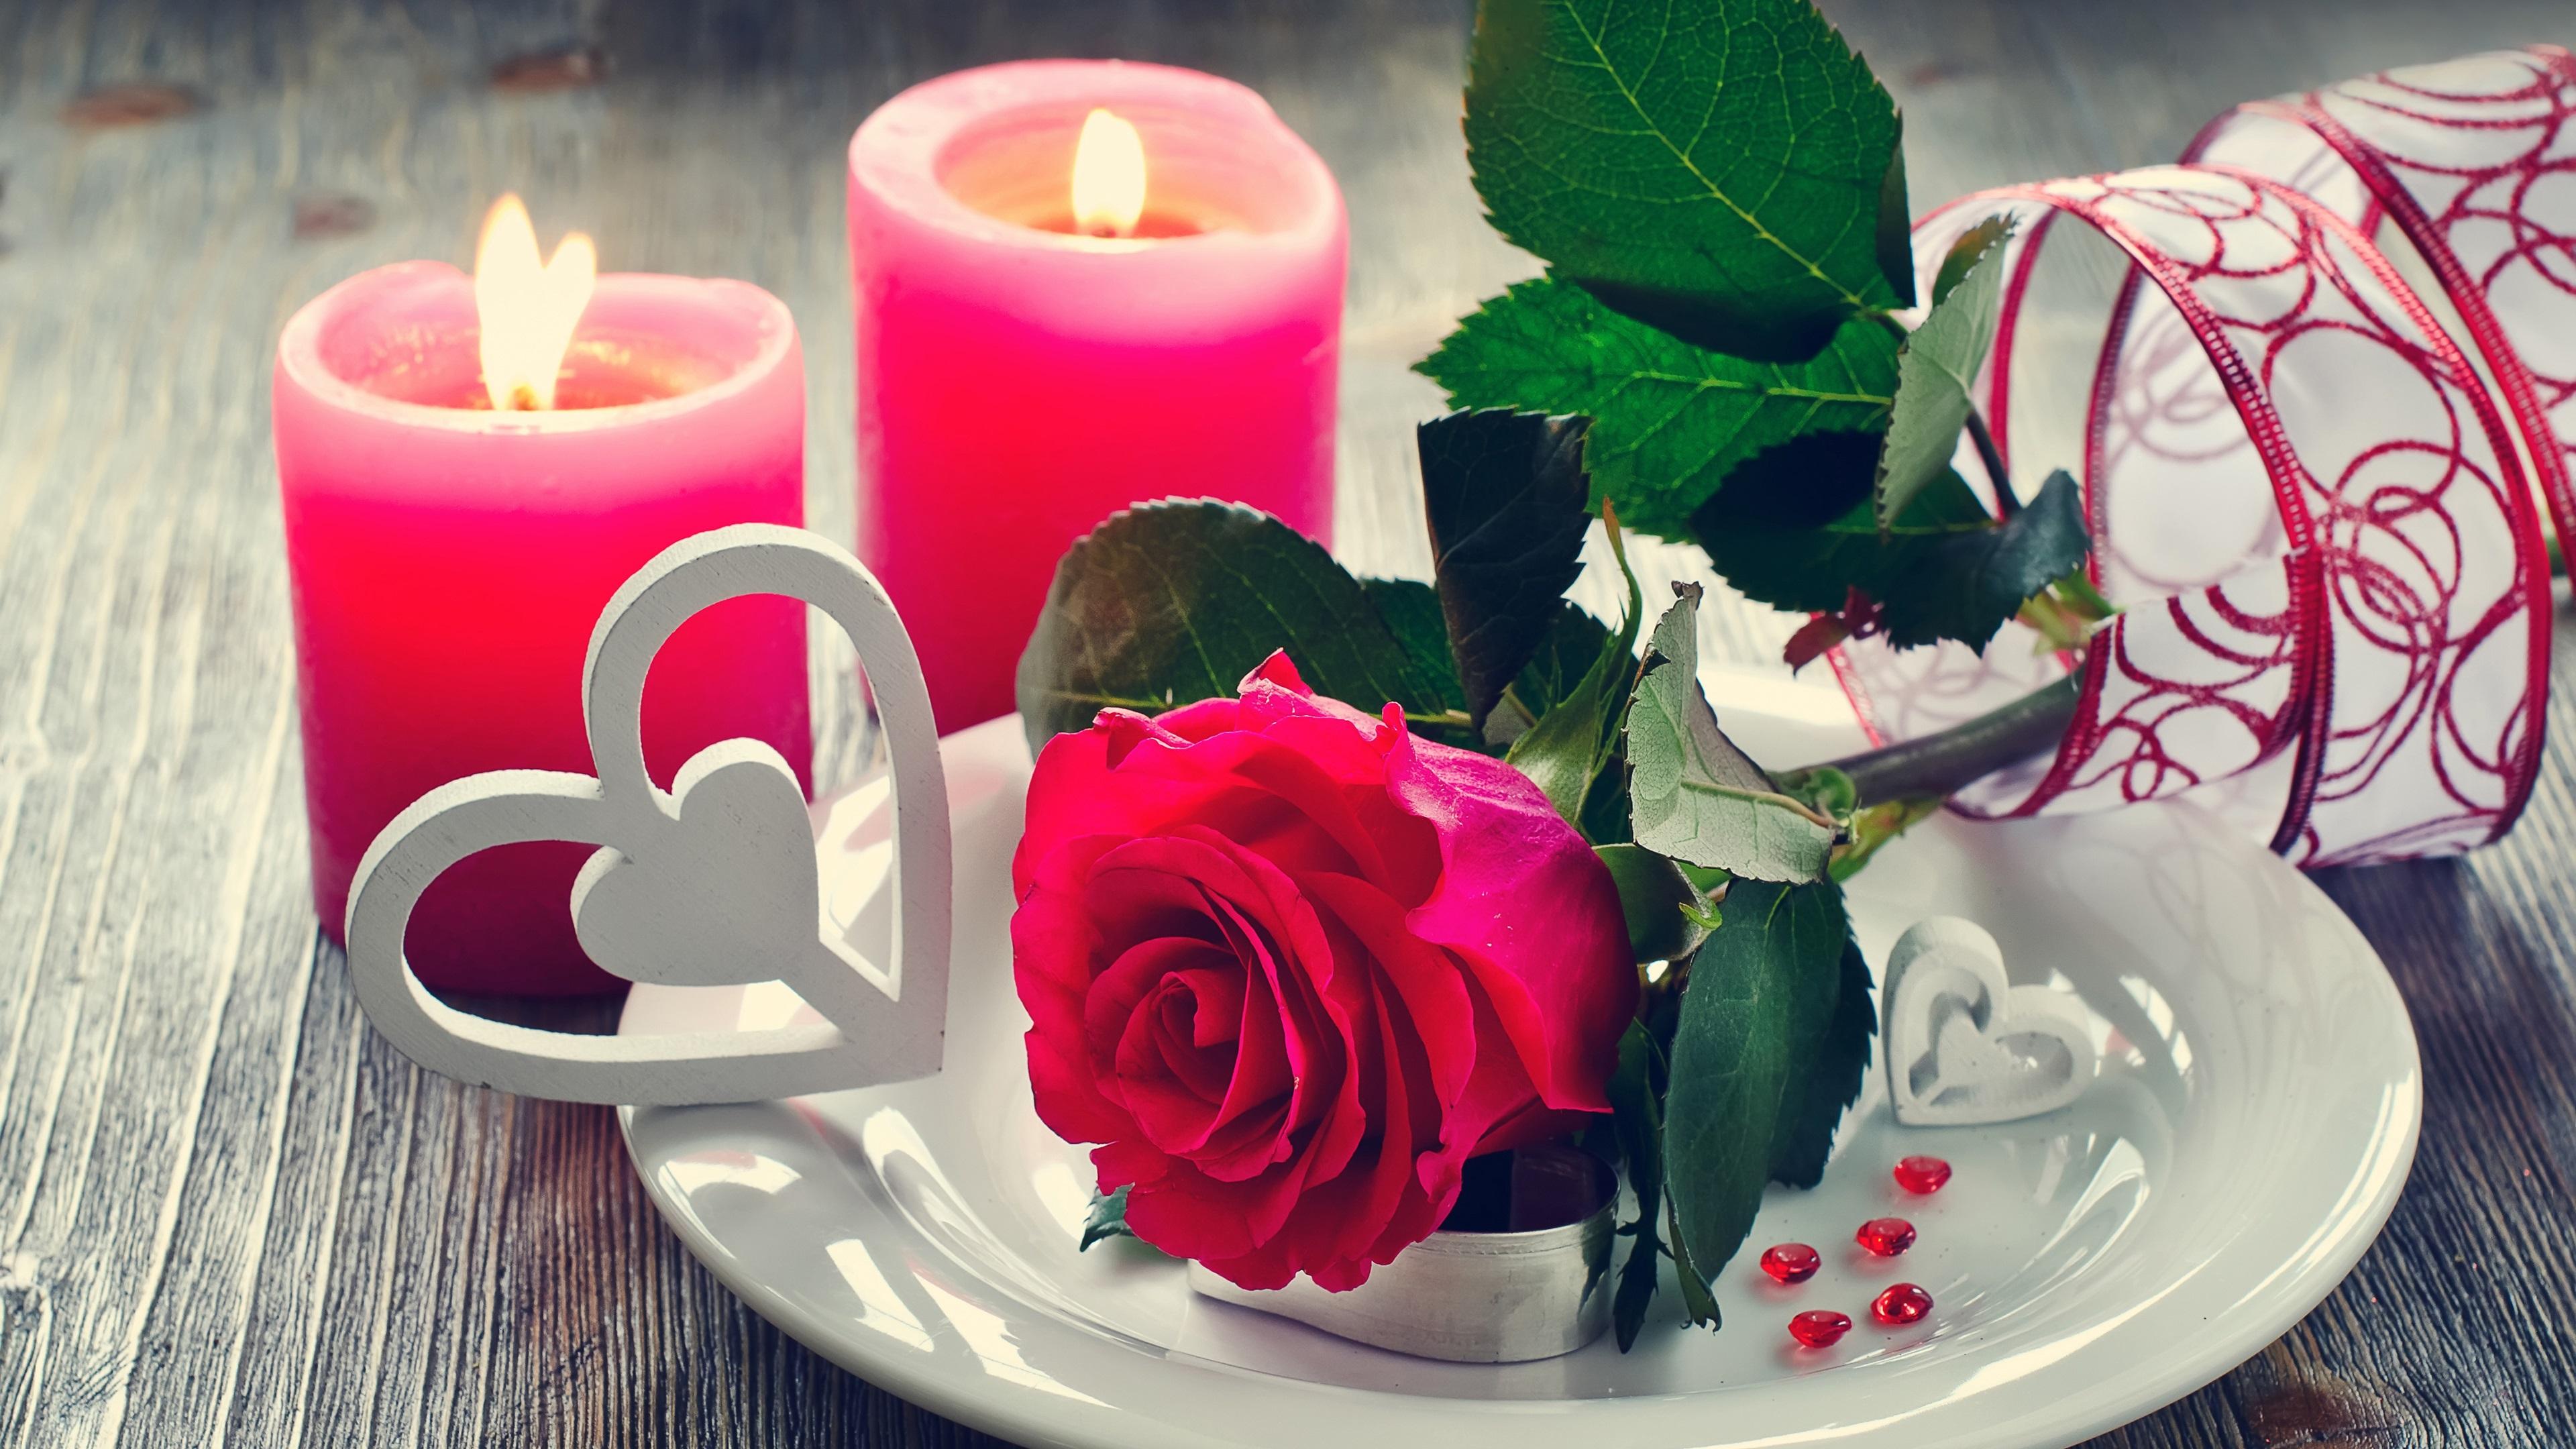 Цветы с любовью картинки